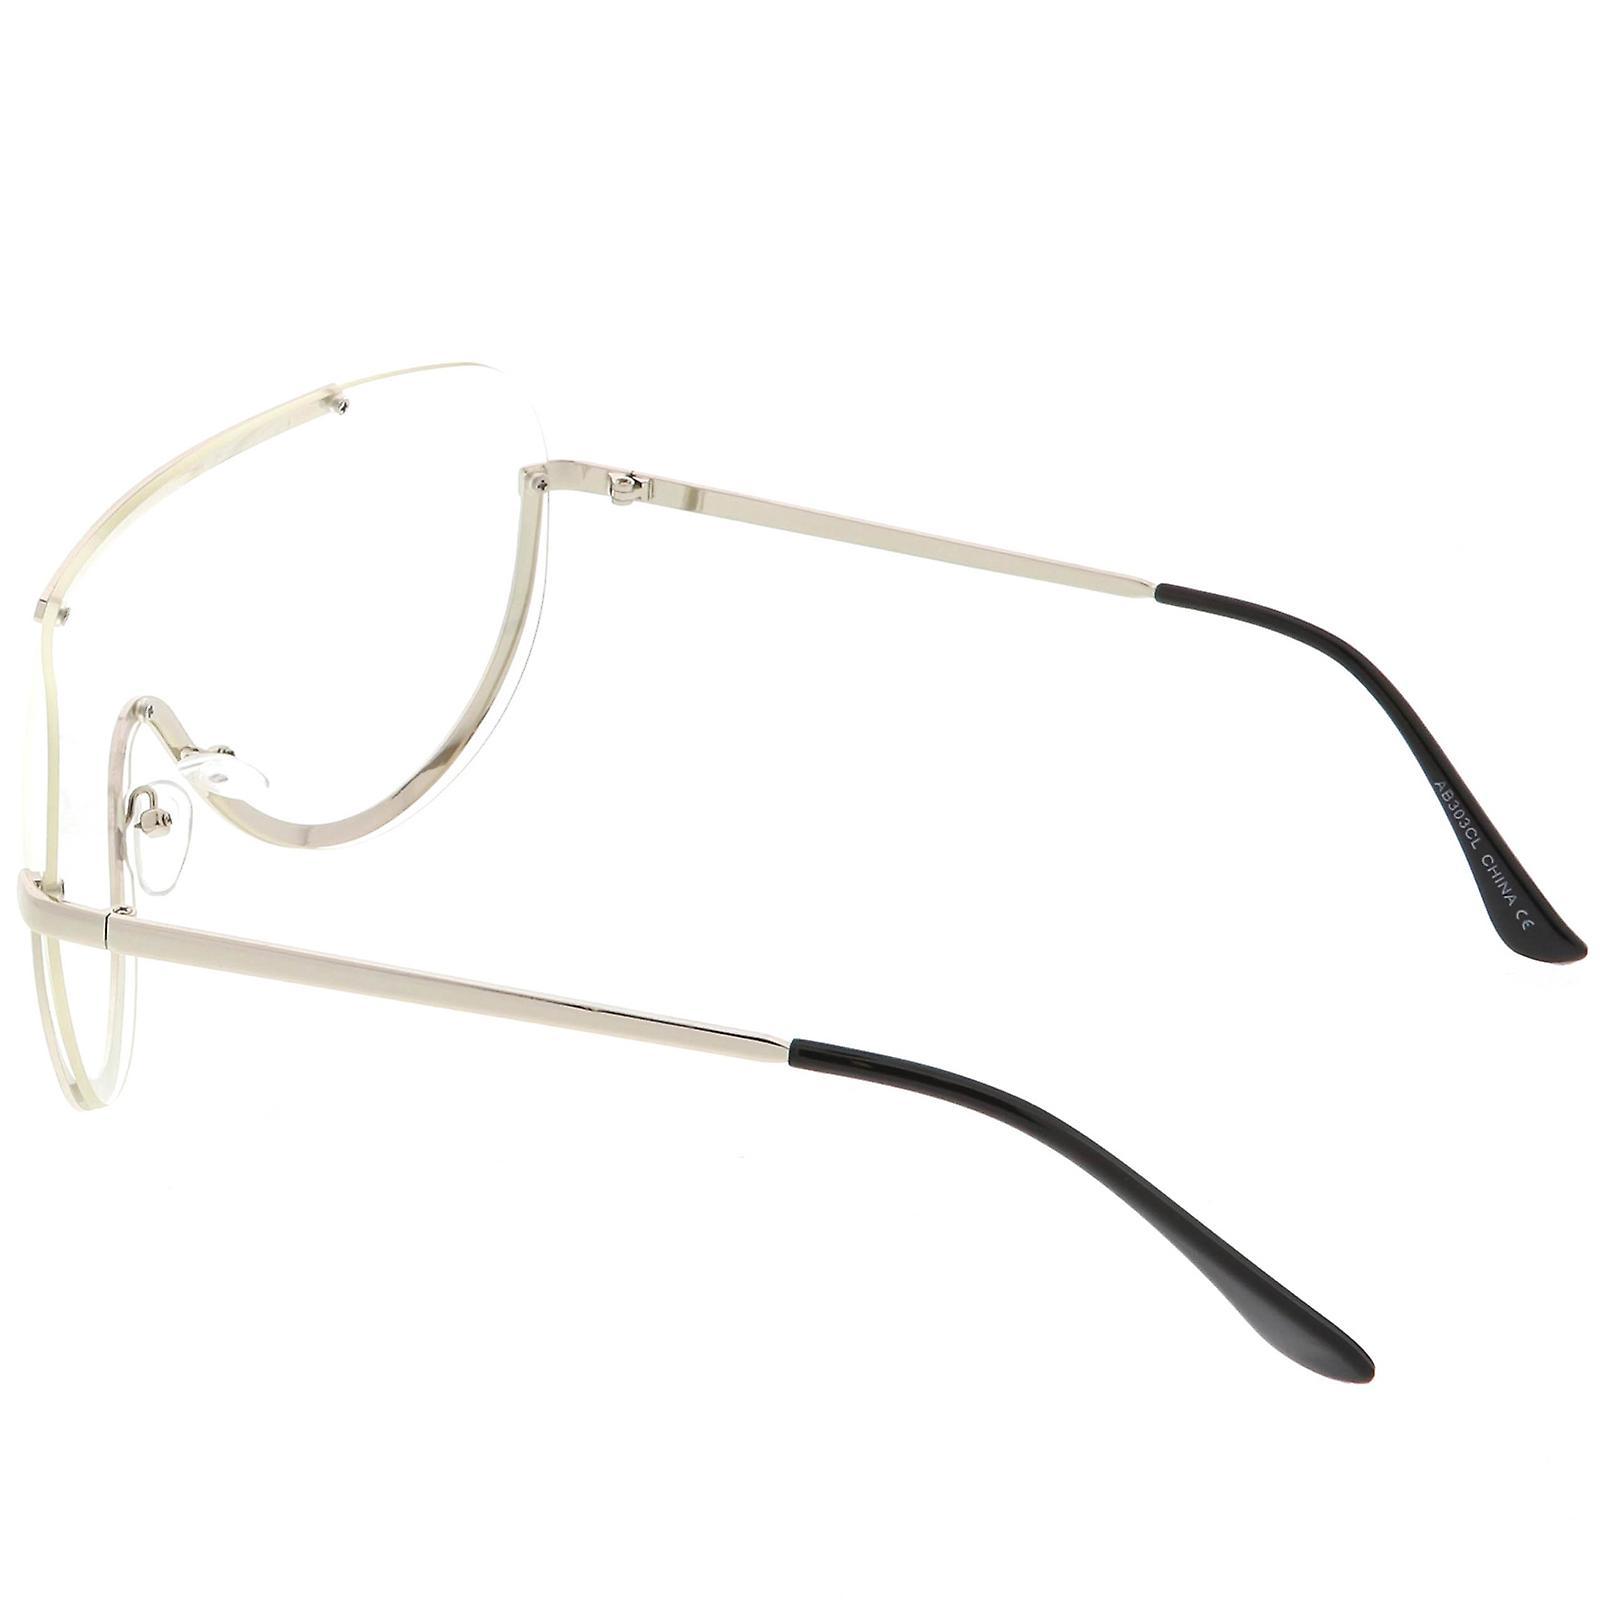 Tamanho grande Semi escudo sem aro óculos Metal guarnição clara Mono lente  65mm 1ecf9ec55b